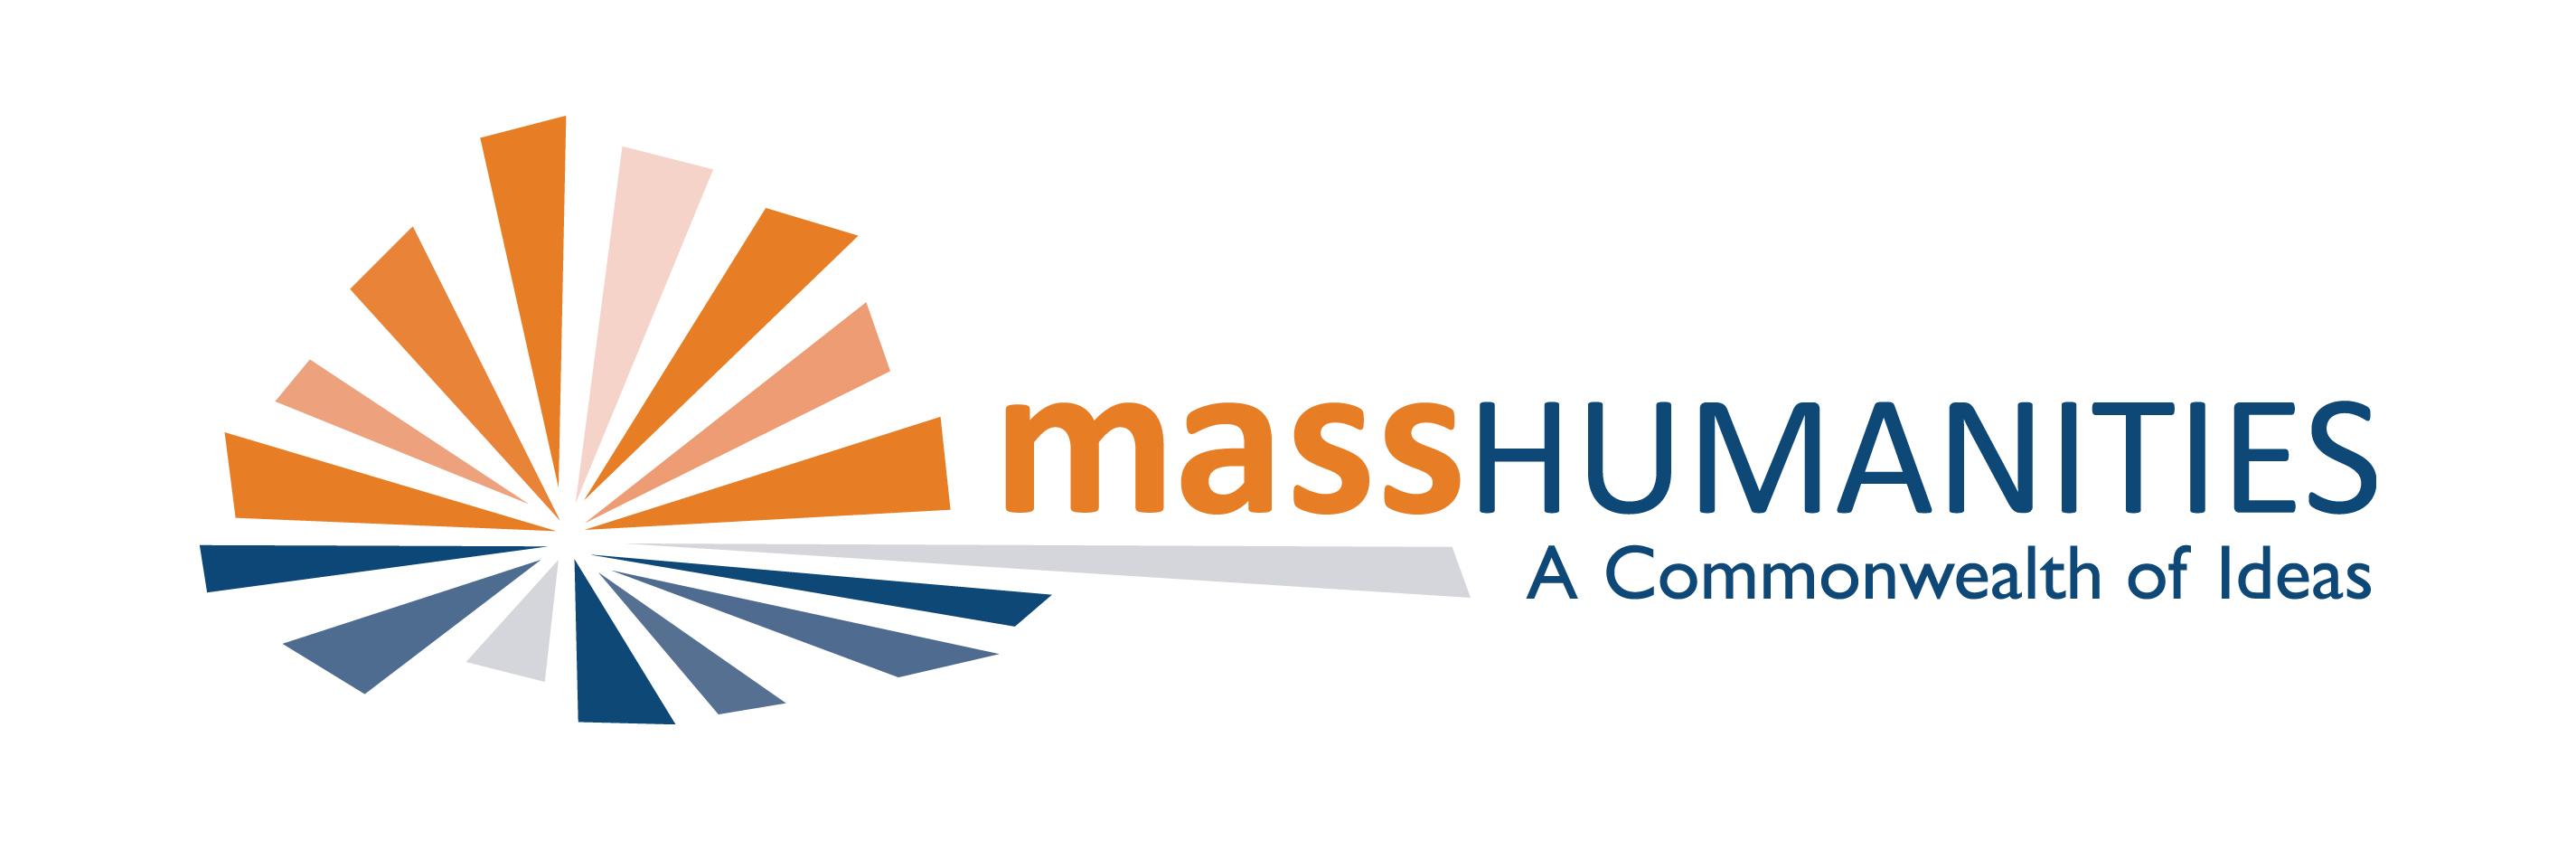 MassHumanities